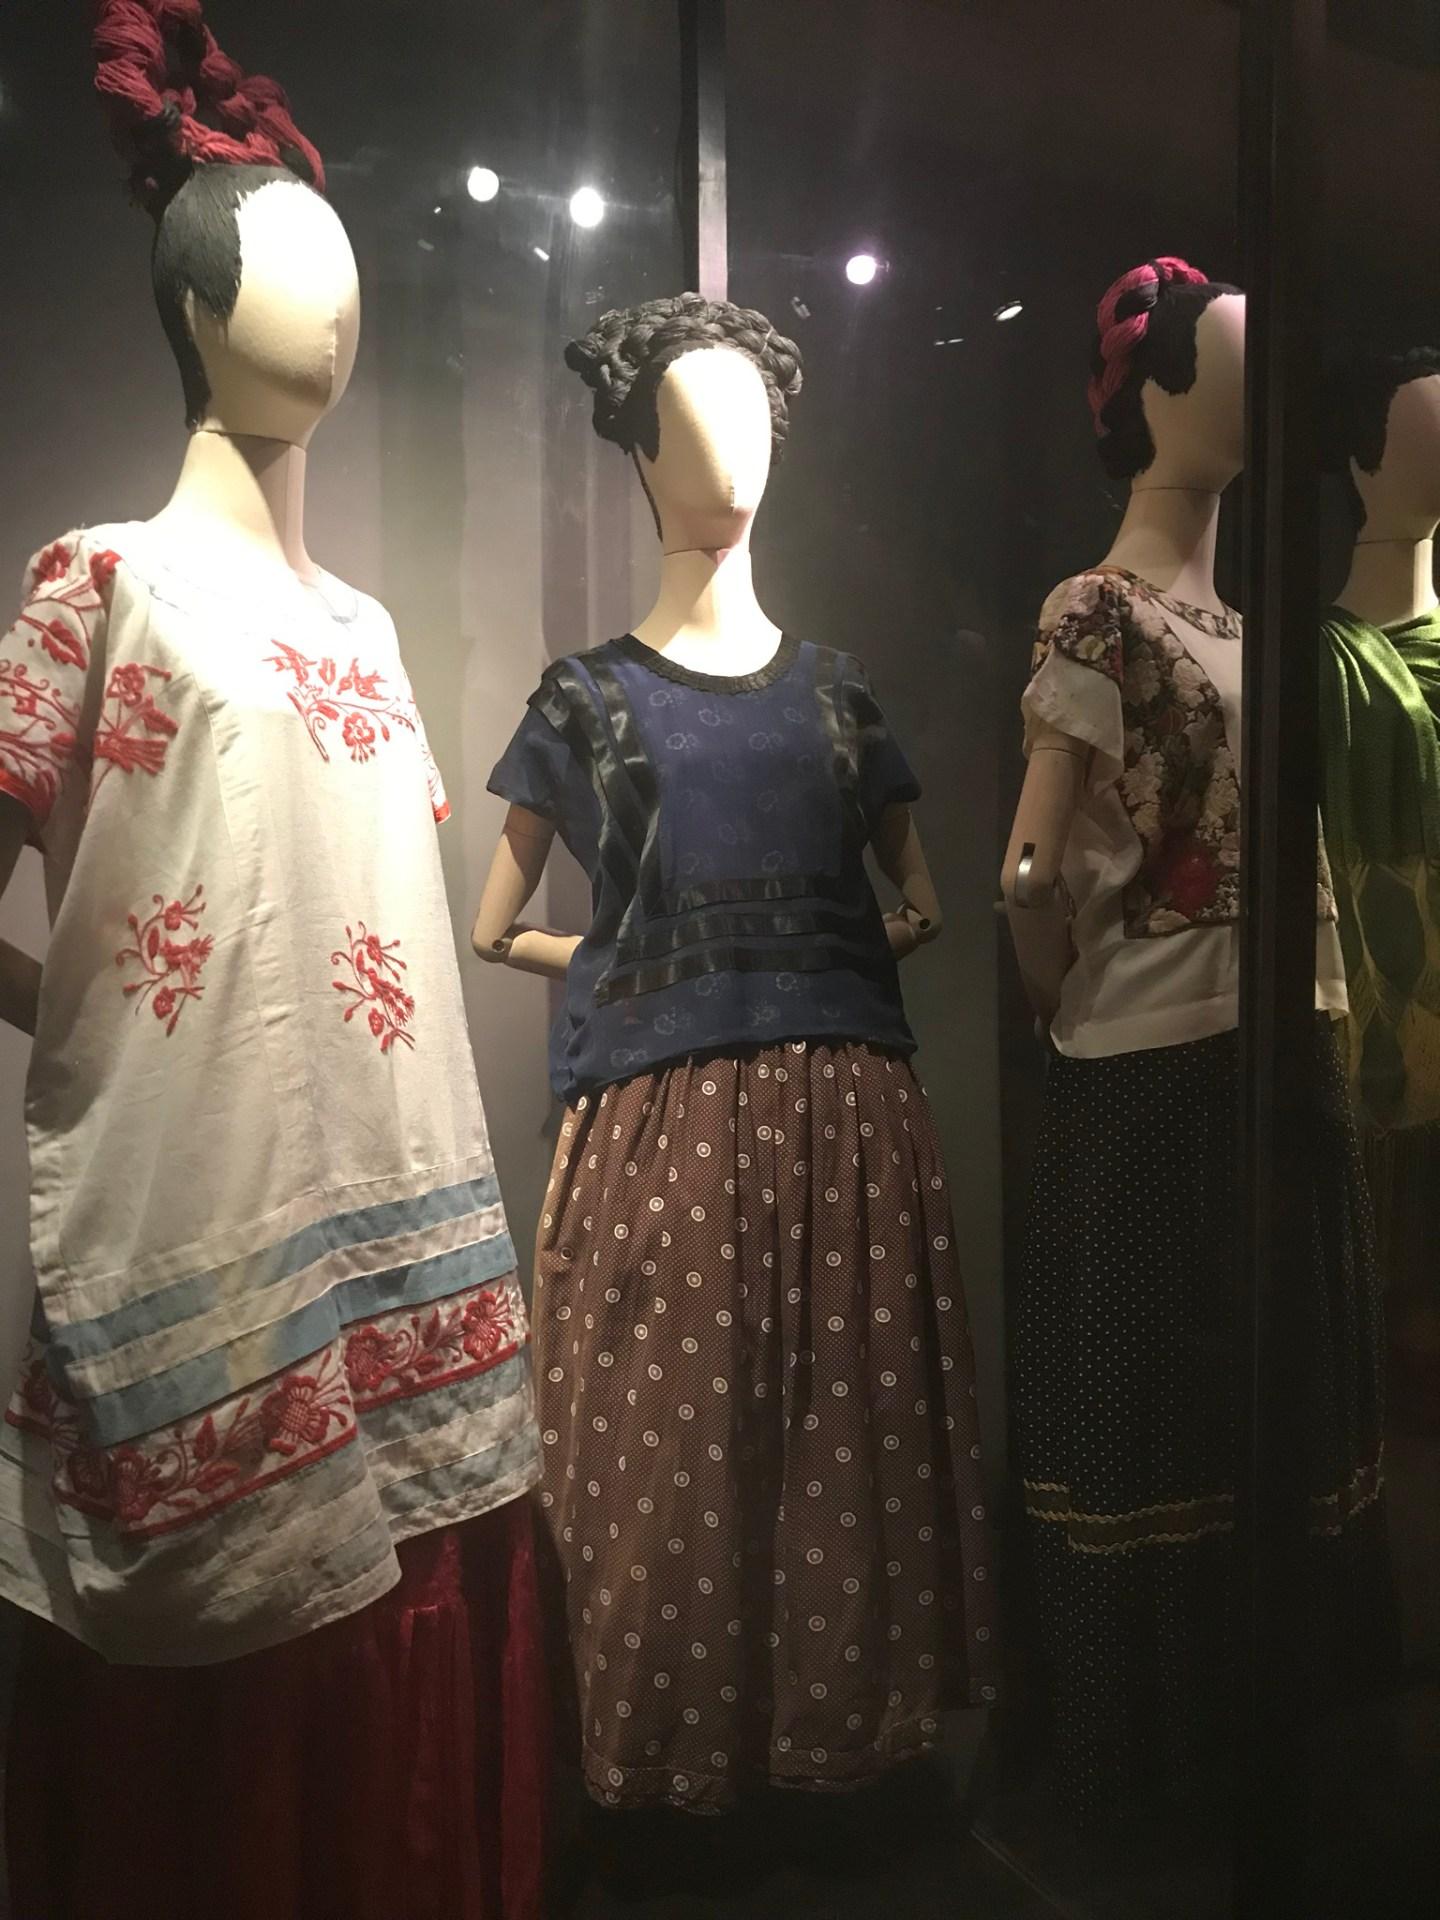 Frida Kahlo's outfits, Casa Azul